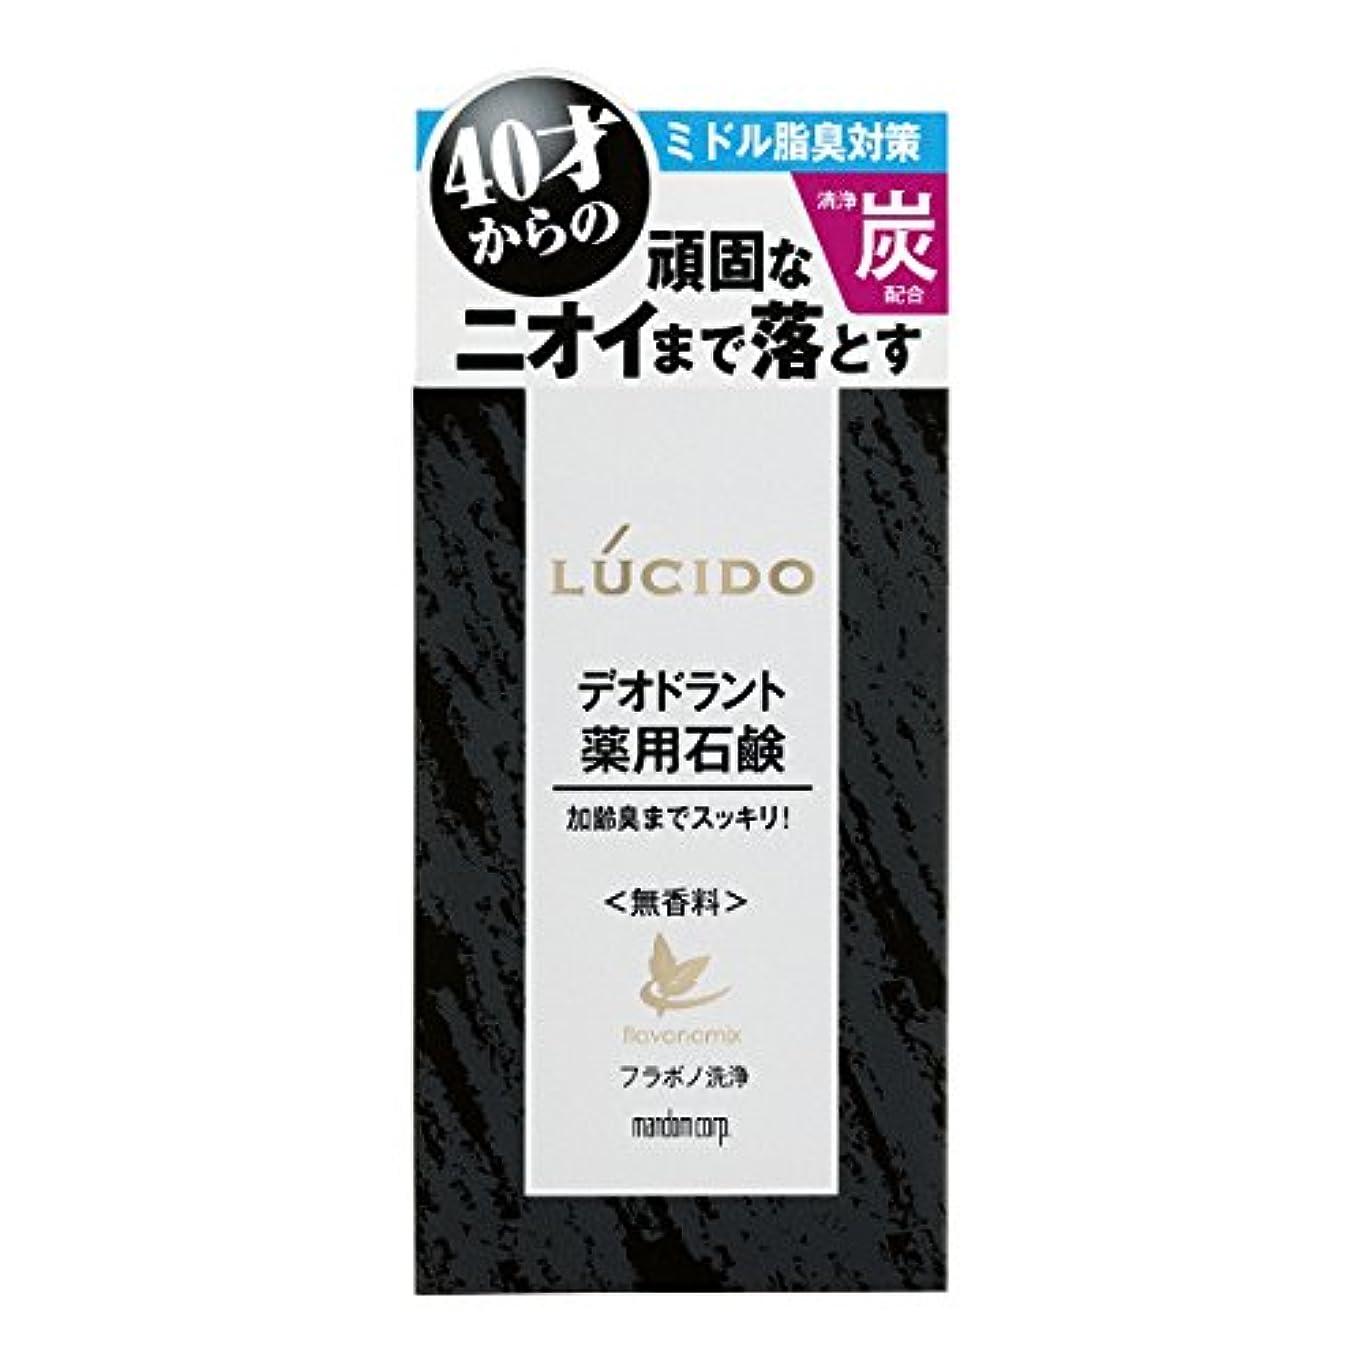 痛み餌垂直ルシード 薬用デオドラント石鹸 100g(医薬部外品)